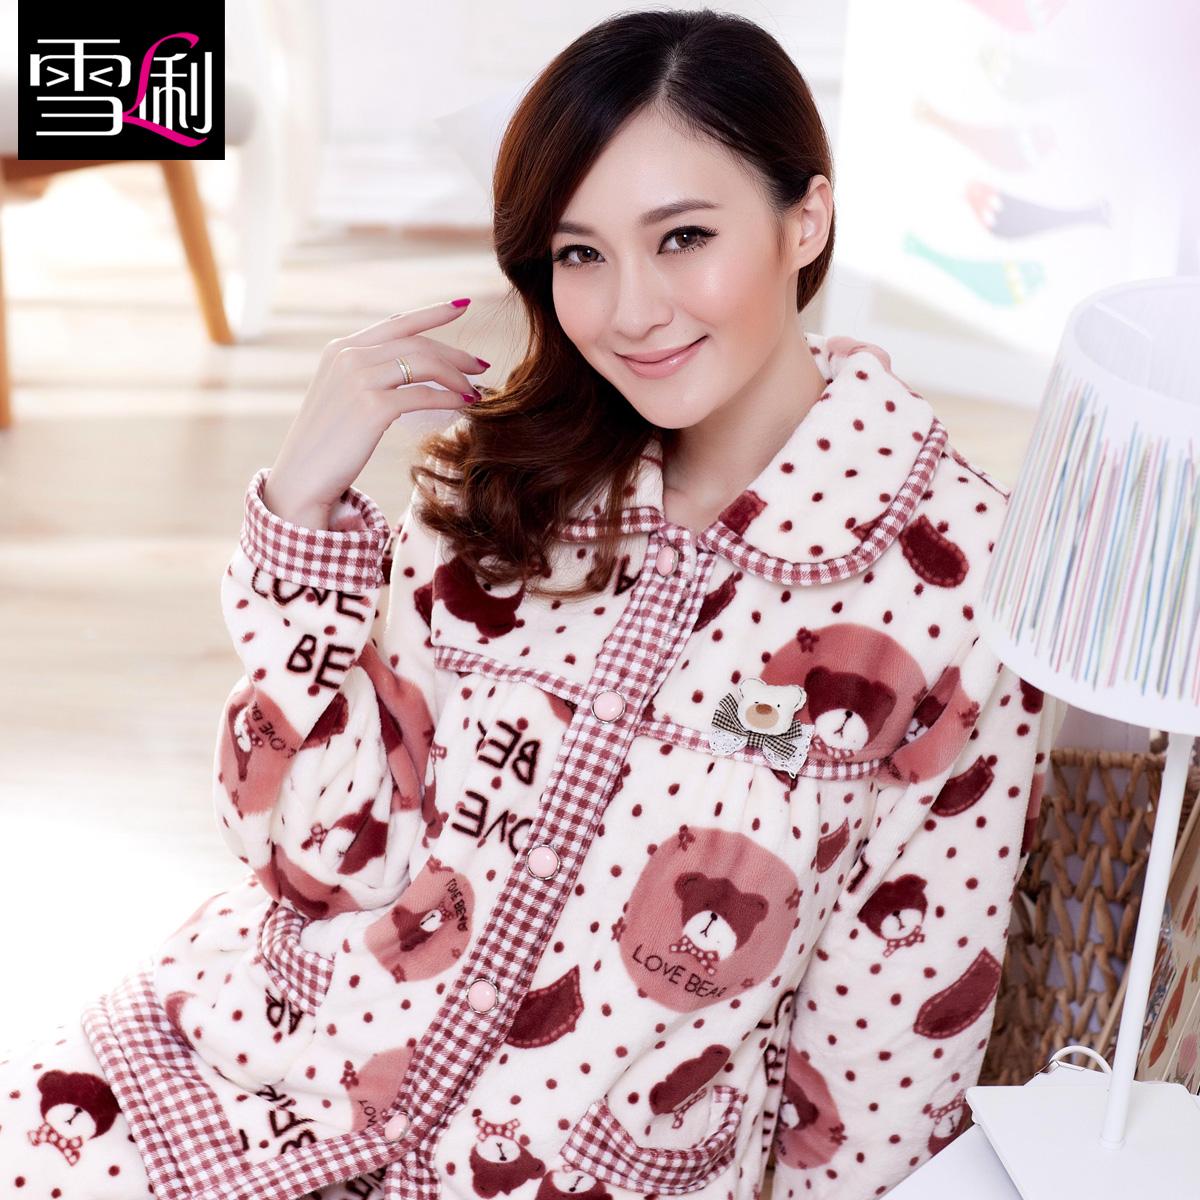 雪俐新品秋冬季加厚法兰绒女士睡衣家居服冬天睡衣套装 8228 价格:138.00